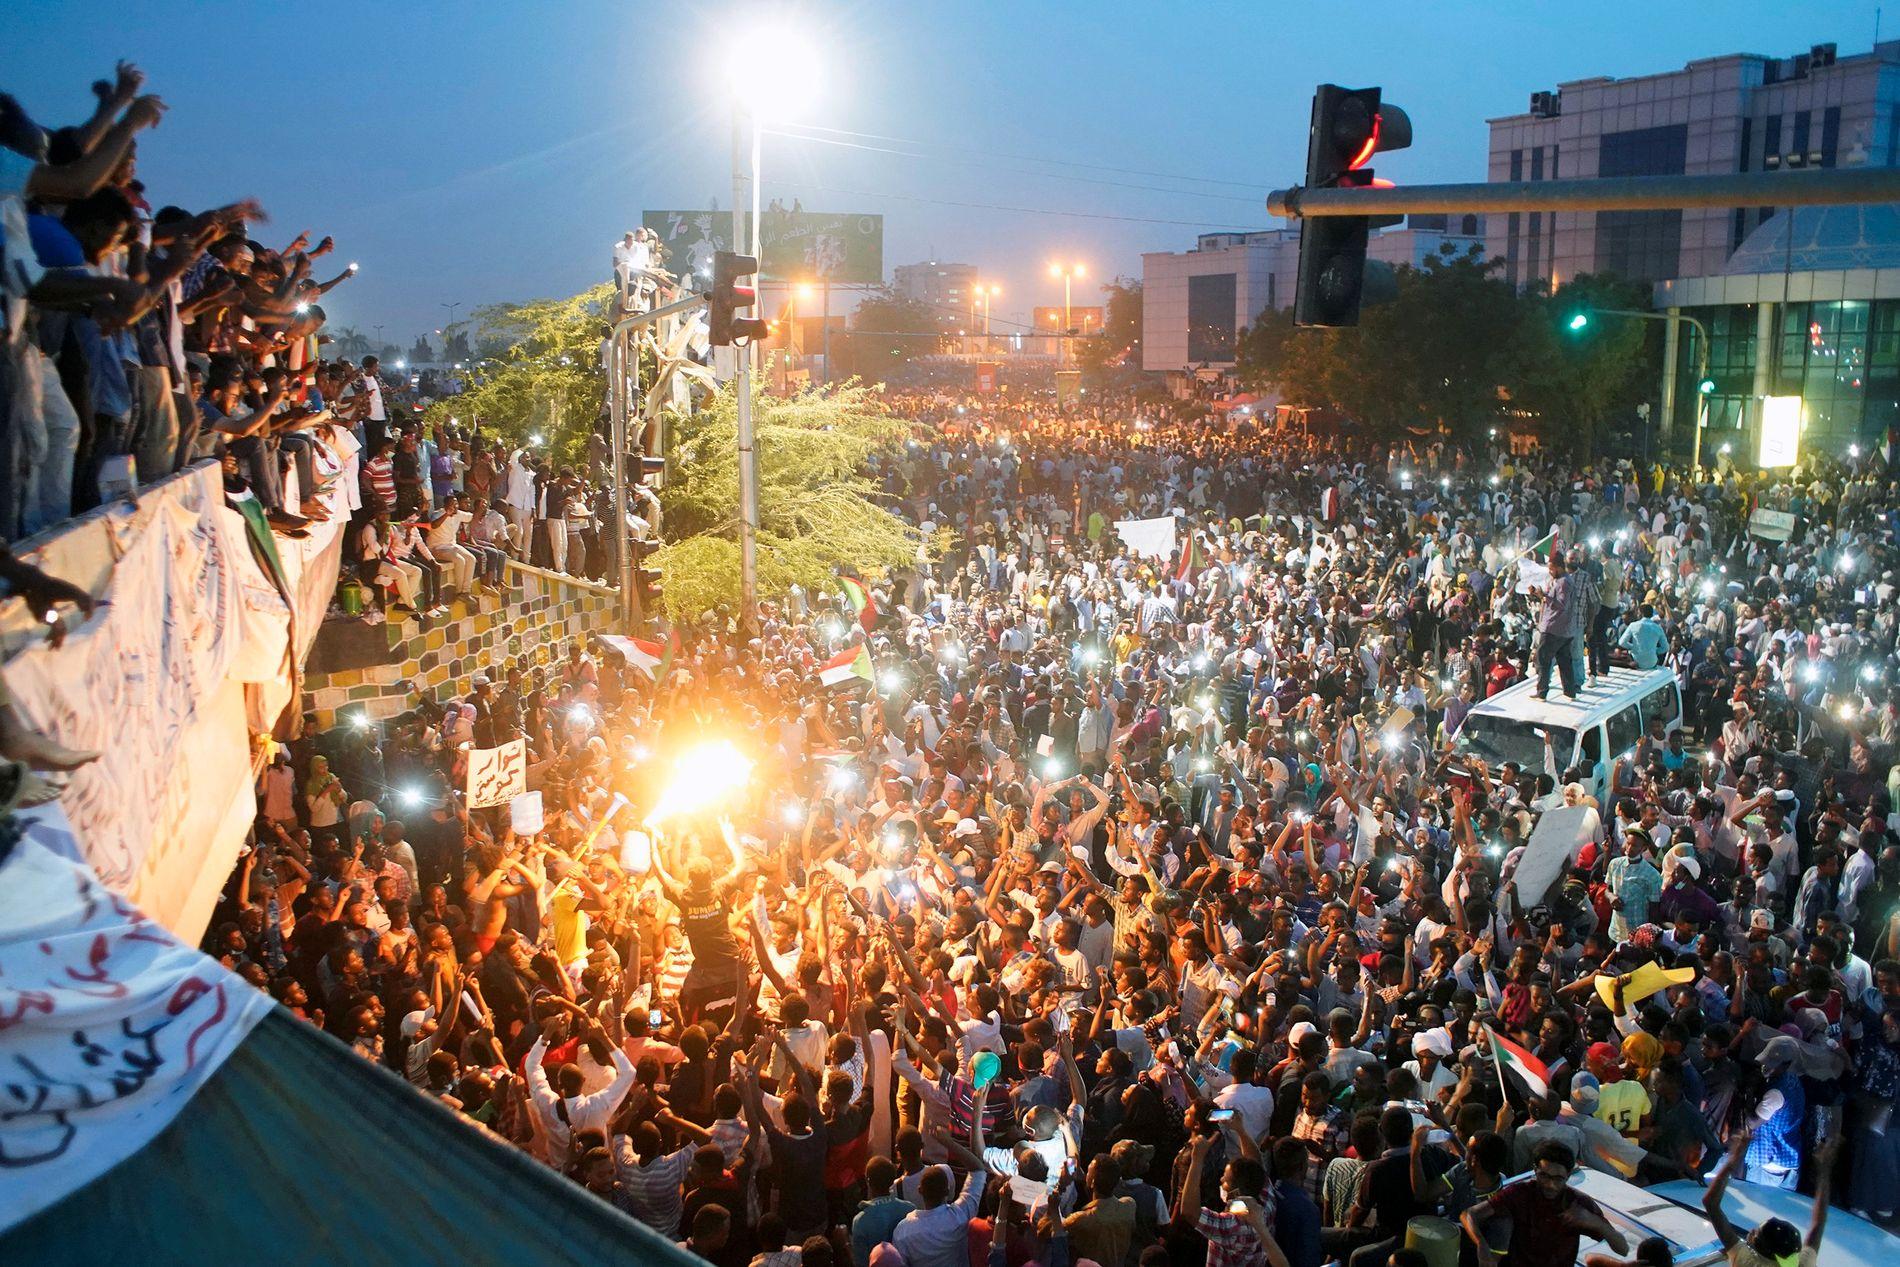 DAGEN FØR: Slik så demonstrasjonene ut utenfor forsvarsdepartementet i Khartoum onsdag. Torsdag kuppet militæret makten.